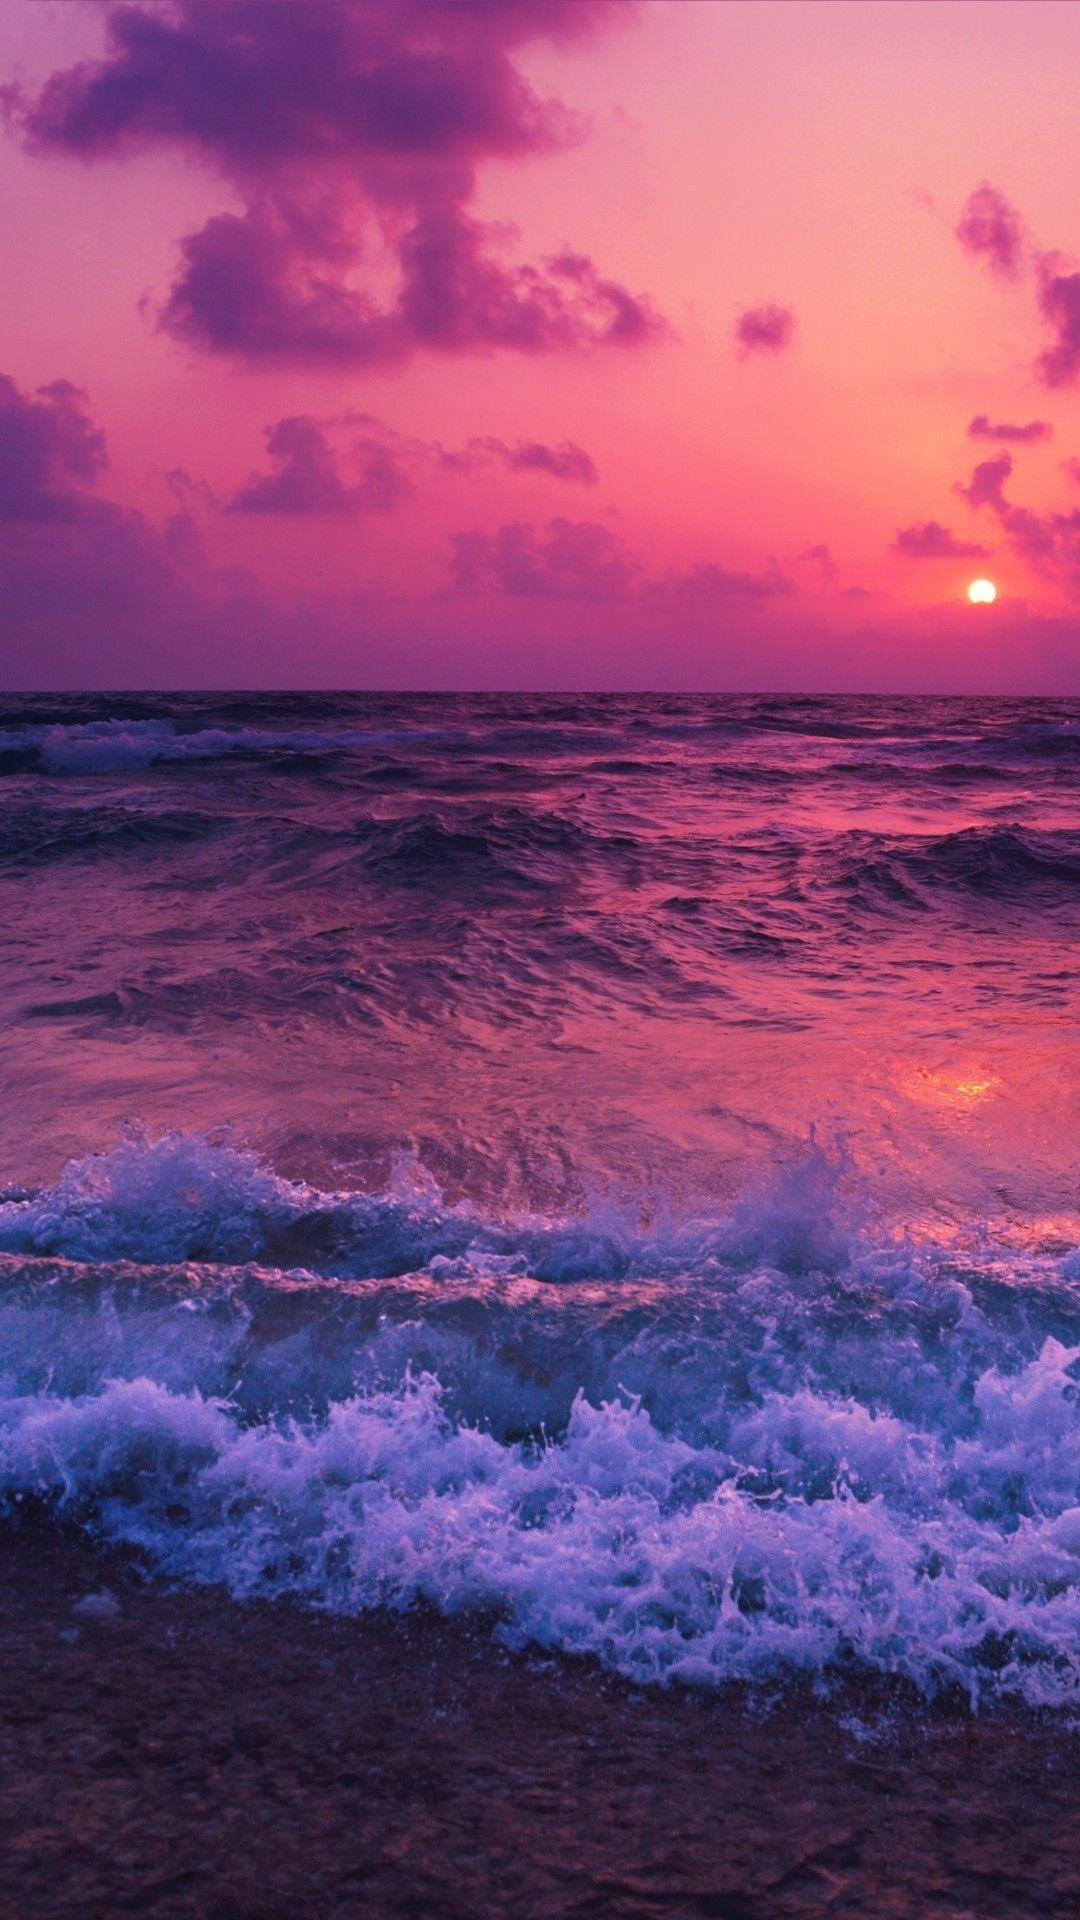 Ocean, Sunset, Waves, Foam, Beach Sunset wallpaper, Sky